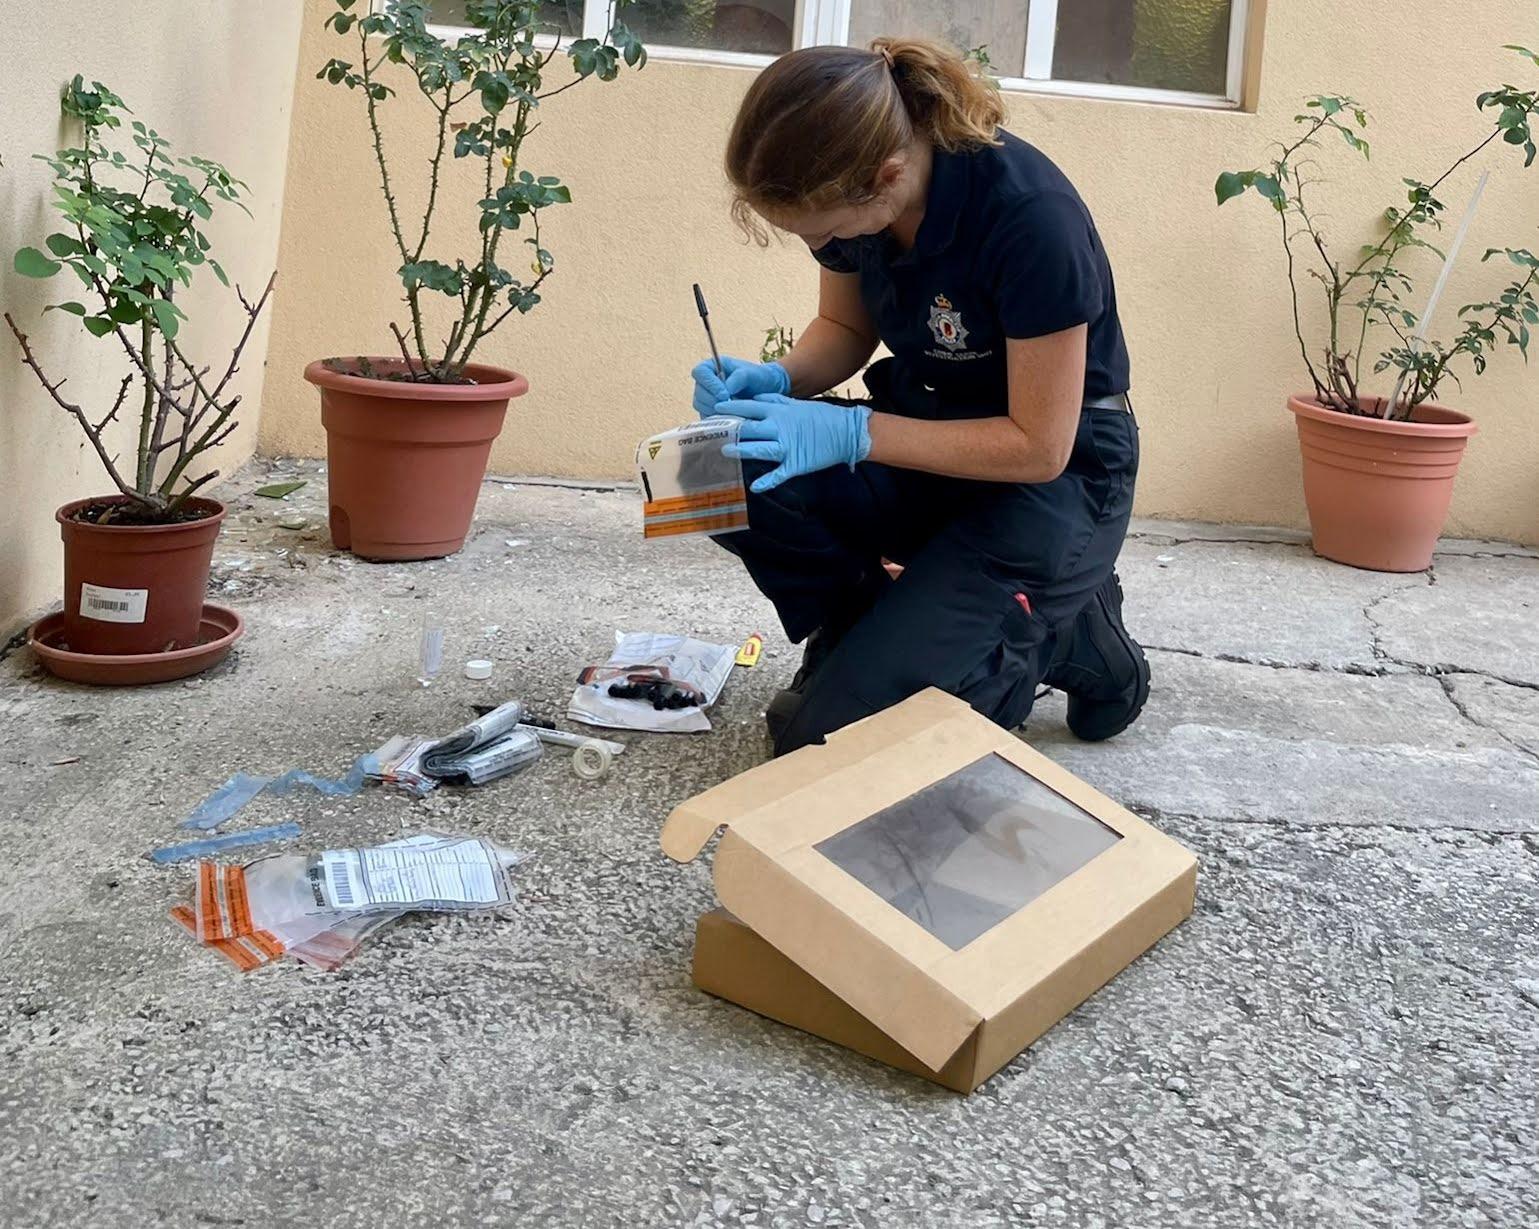 Una agente en la escena de uno de lo robos. Foto NG